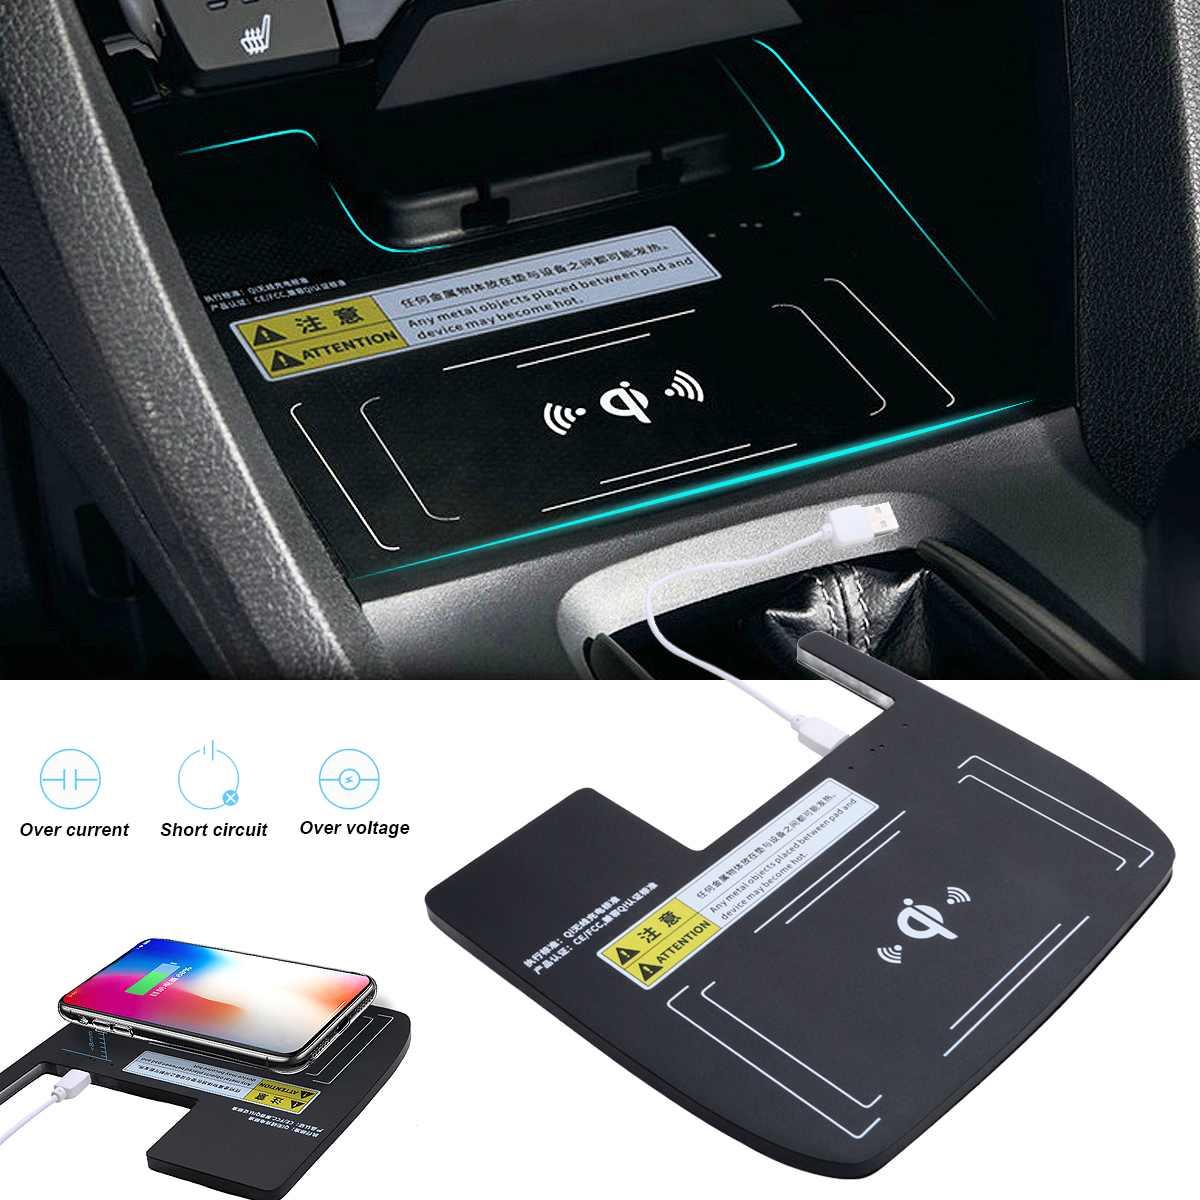 Portable voiture sans fil Qi chargeur intérieur téléphone support de charge pour Honda pour Civic 10th 2016-2018 voiture Console boîte de rangement